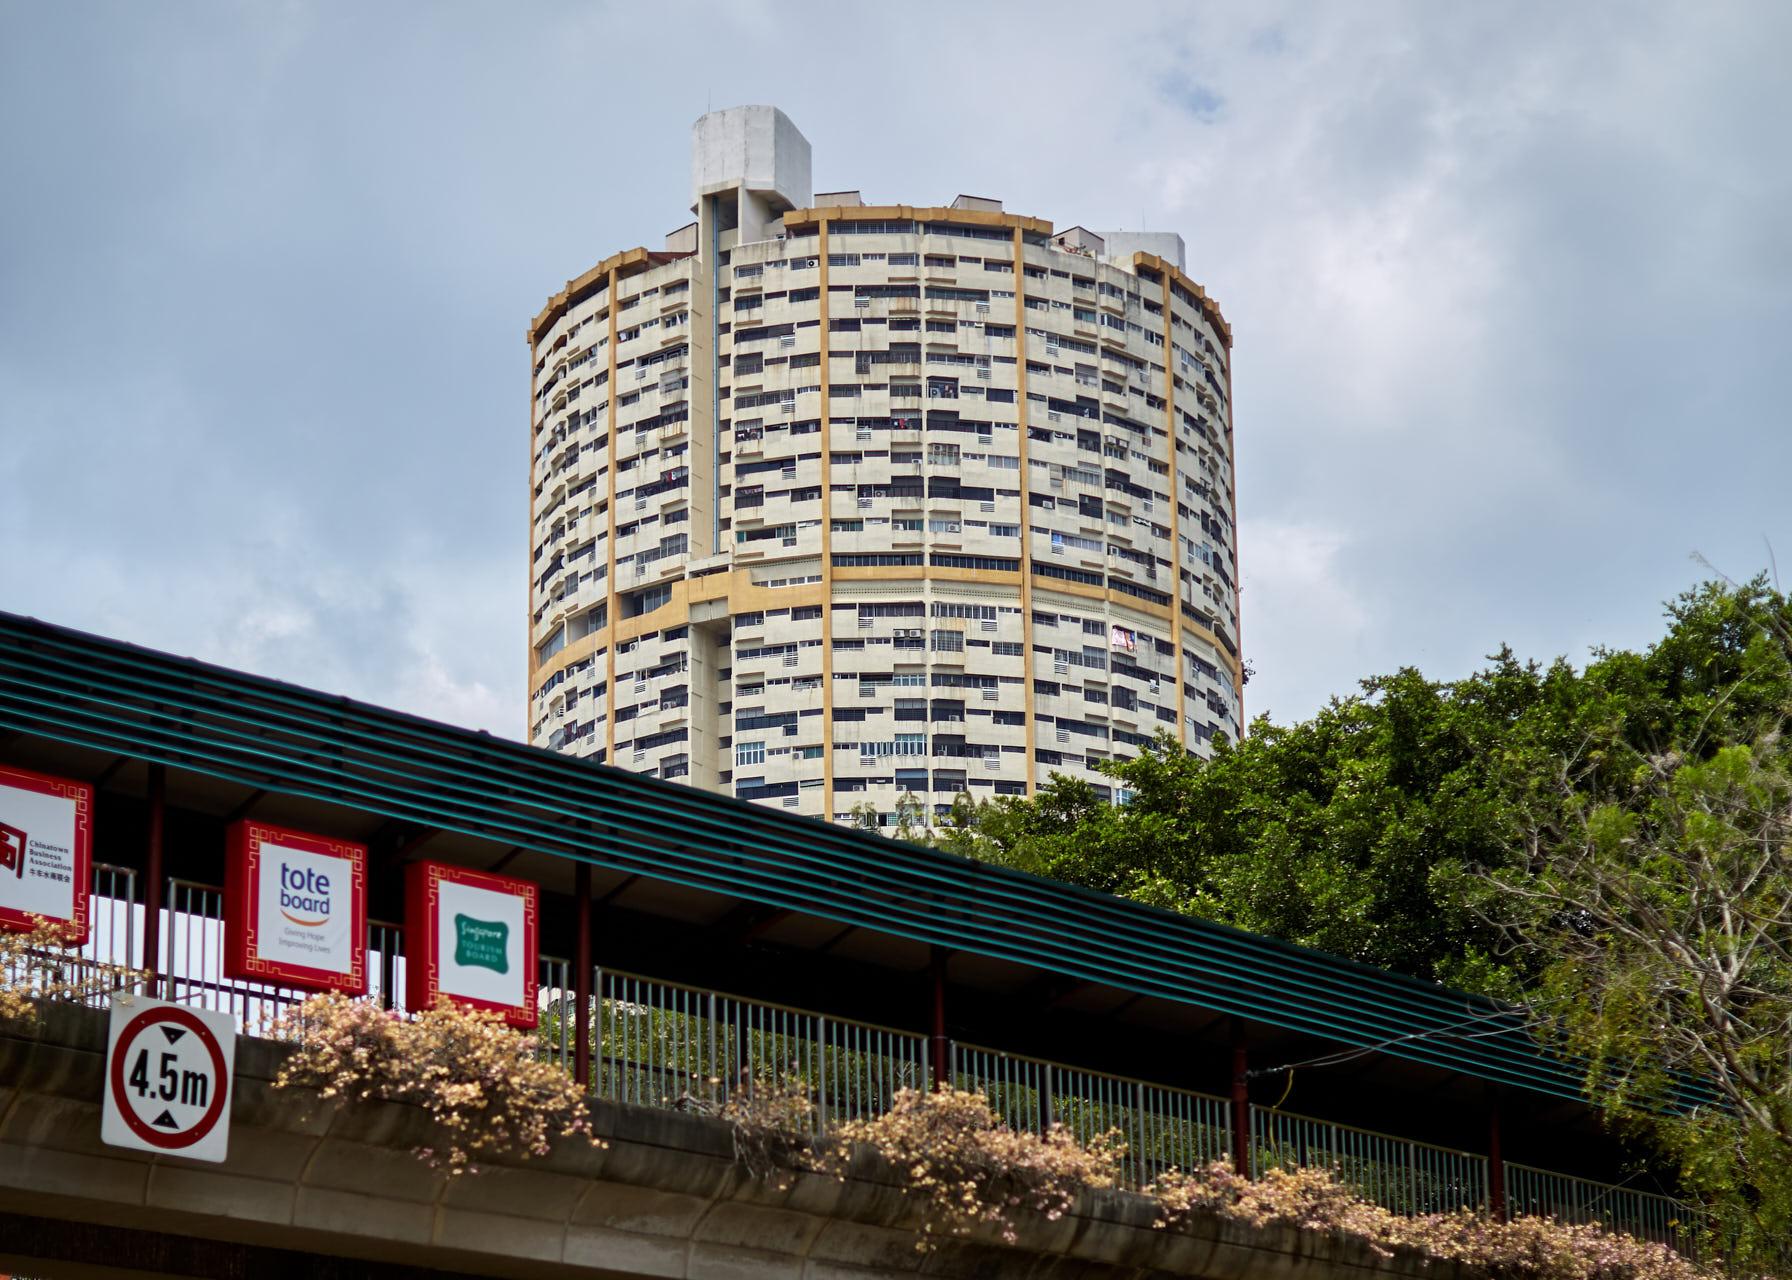 Un bâtiment en U